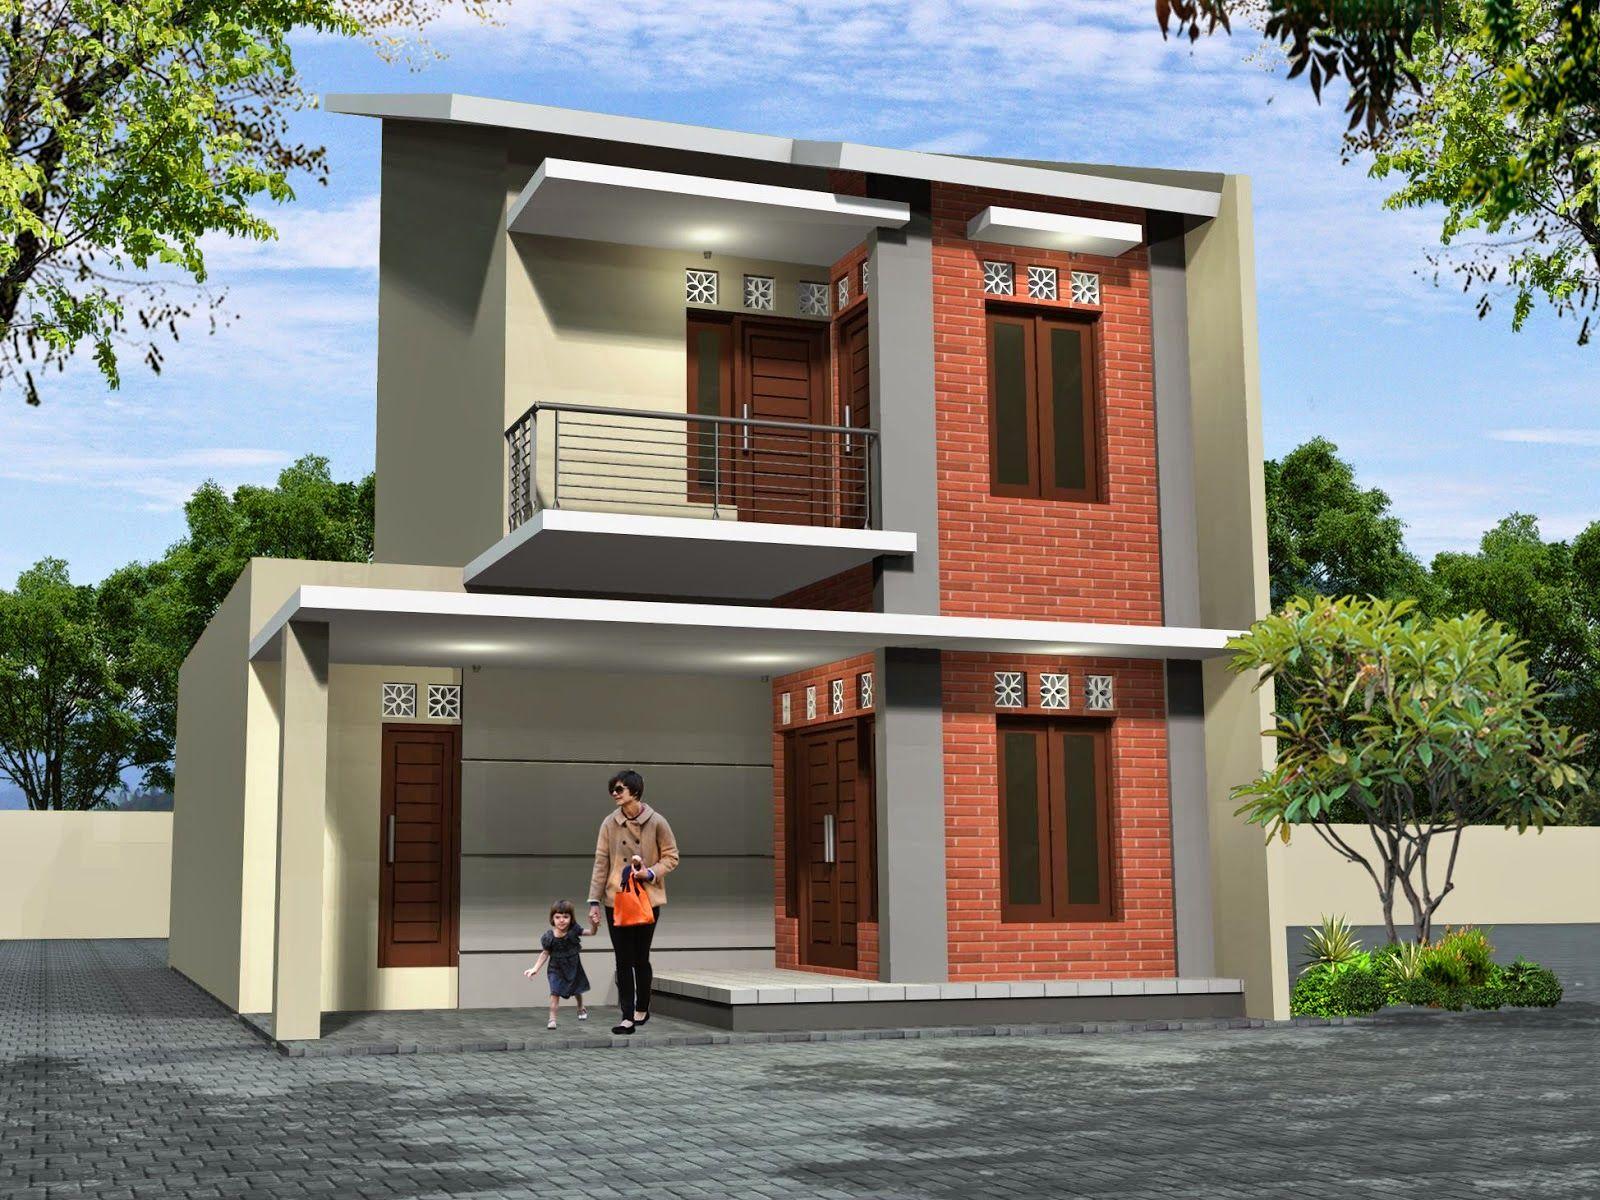 70 Desain Rumah Minimalis Dengan Biaya 50 Juta di 2020 ...